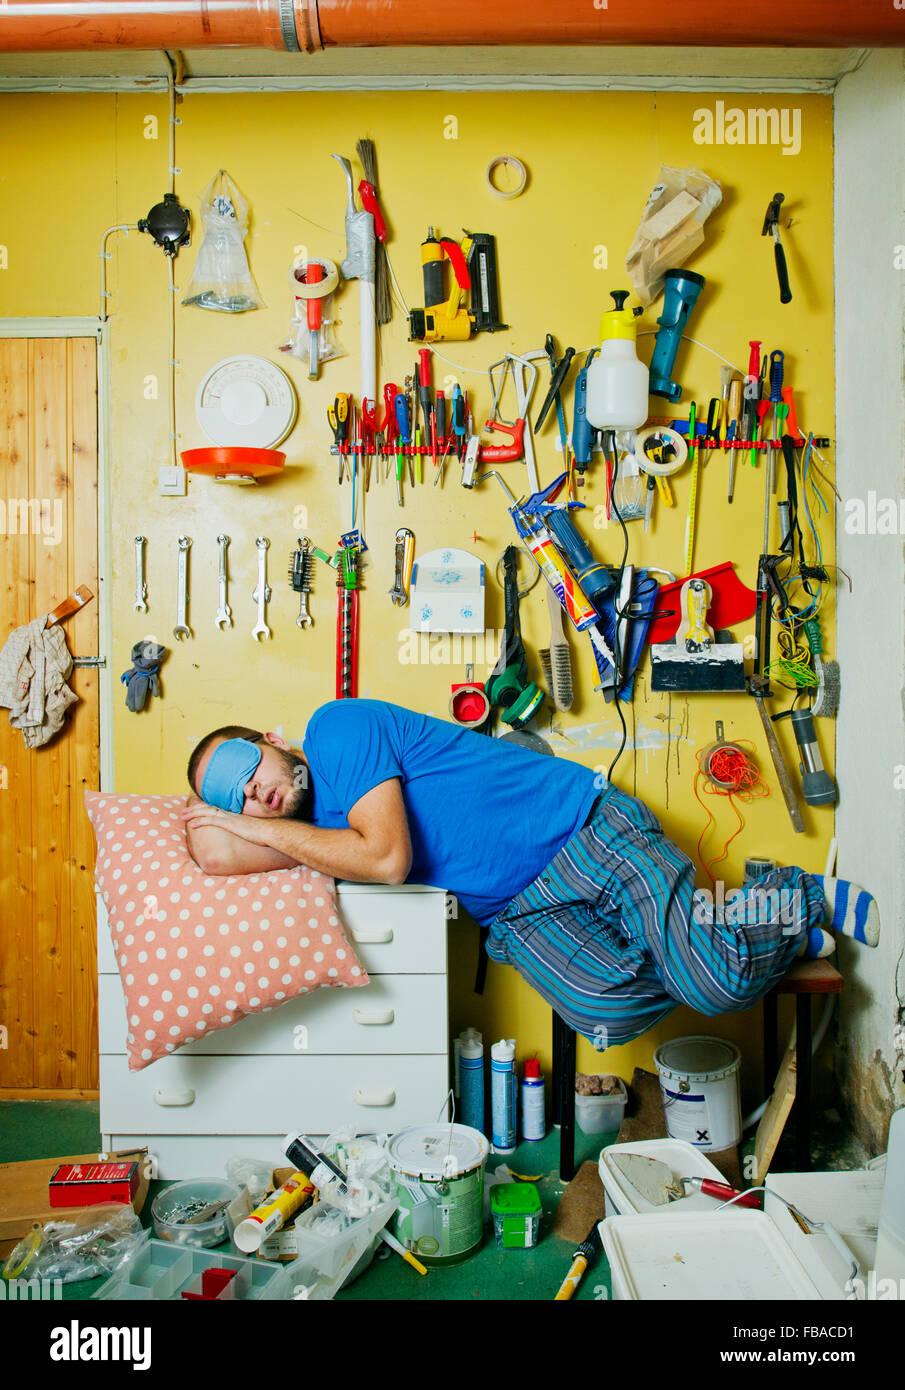 Mann schläft auf Workshop Tabelle Stockbild